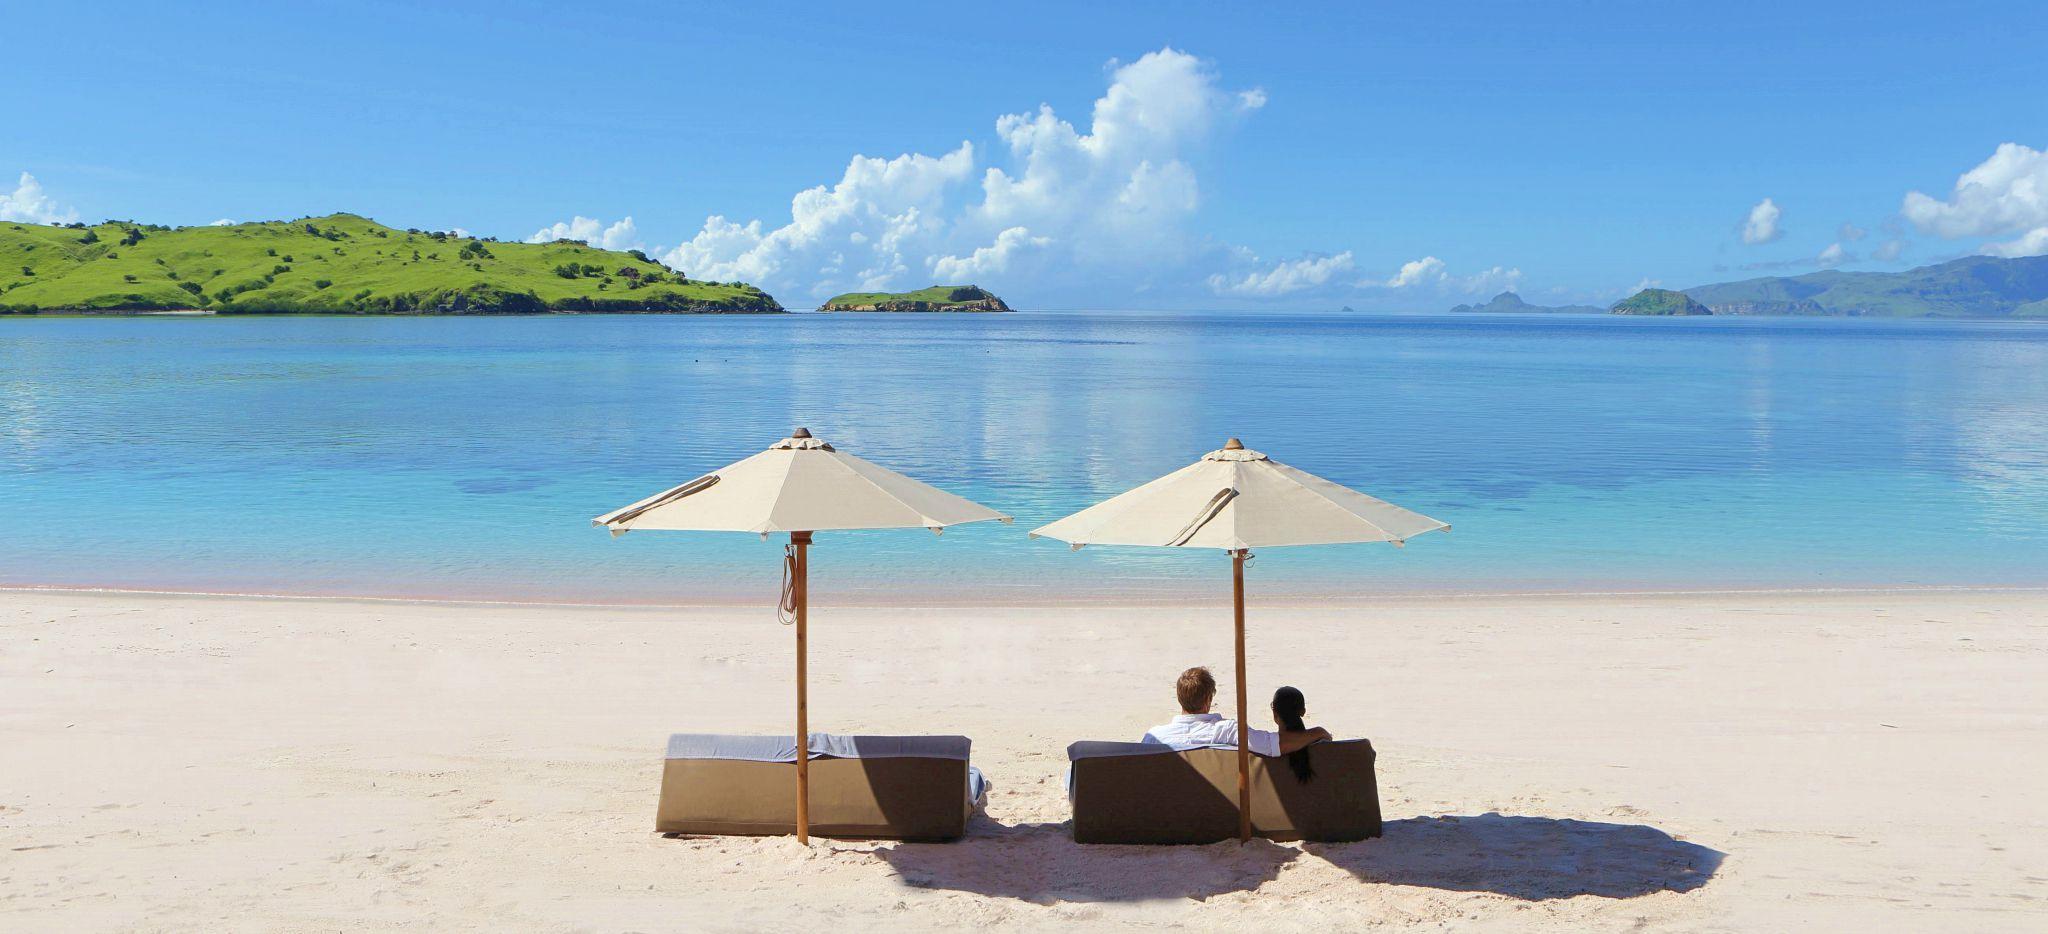 Paar auf Strandliegen am Strand, Blick auf das Meer und Inseln in der Ferne